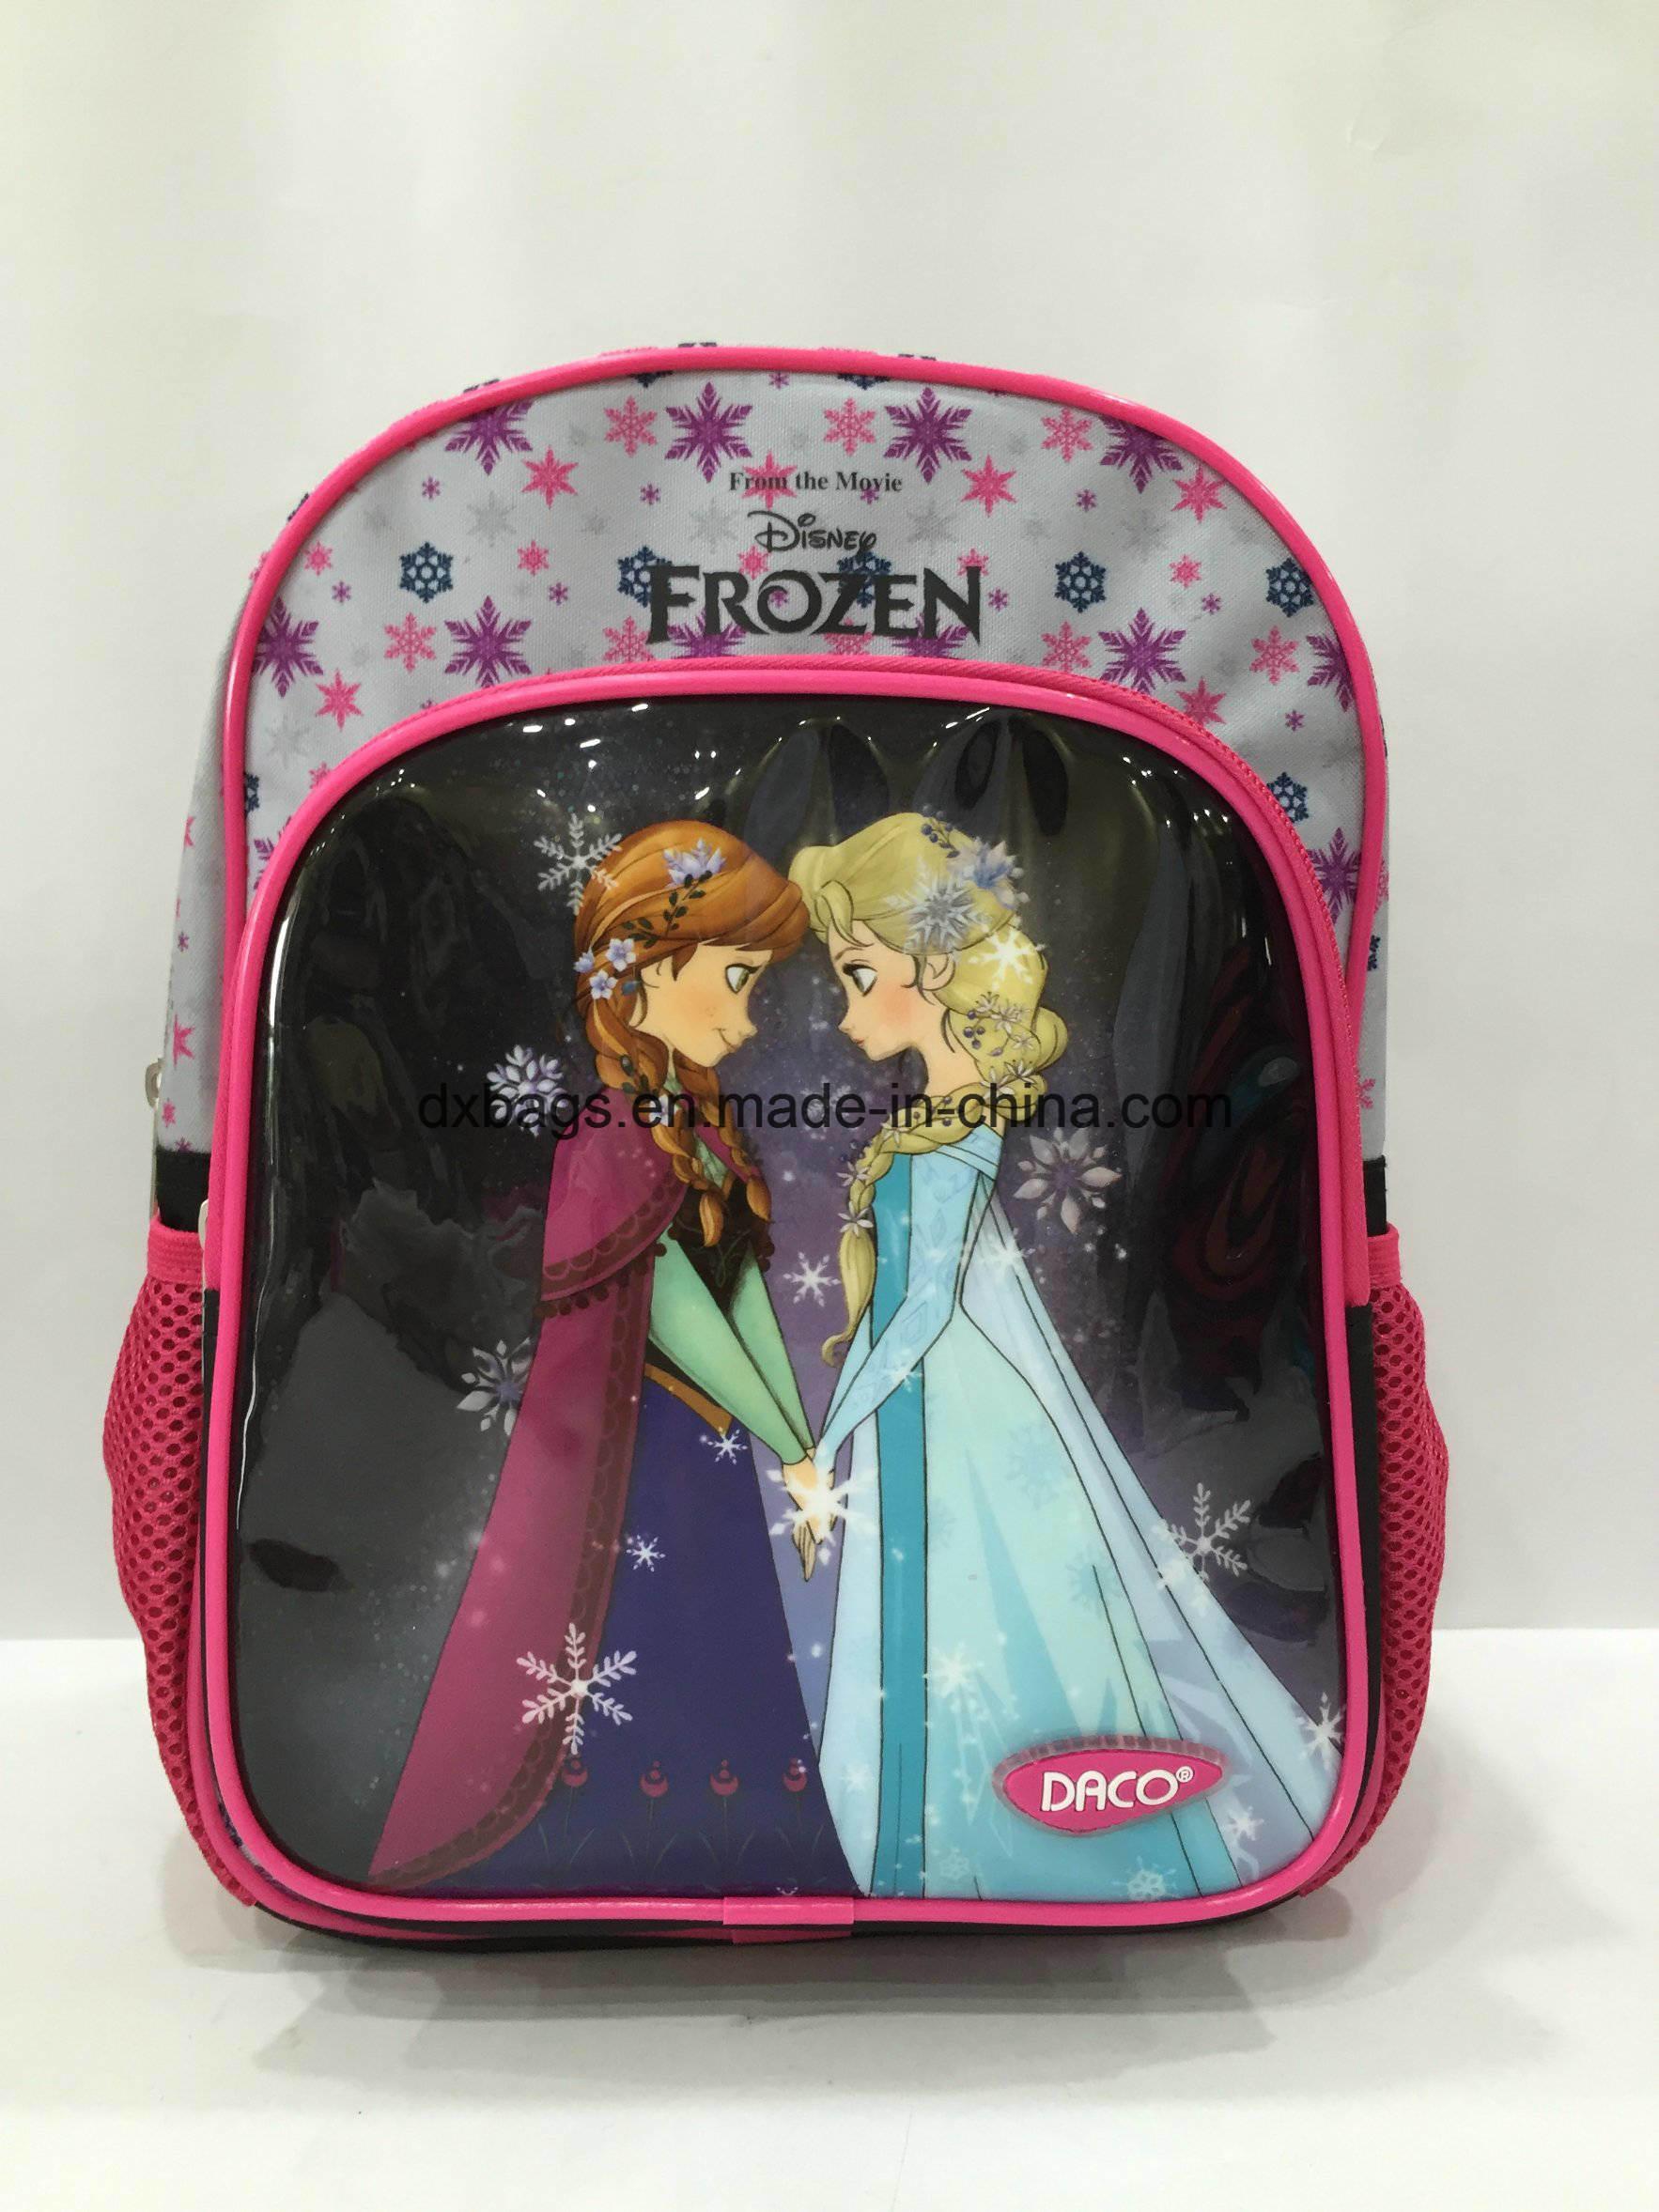 Polyester School Bag for Girl (DX-B1534)